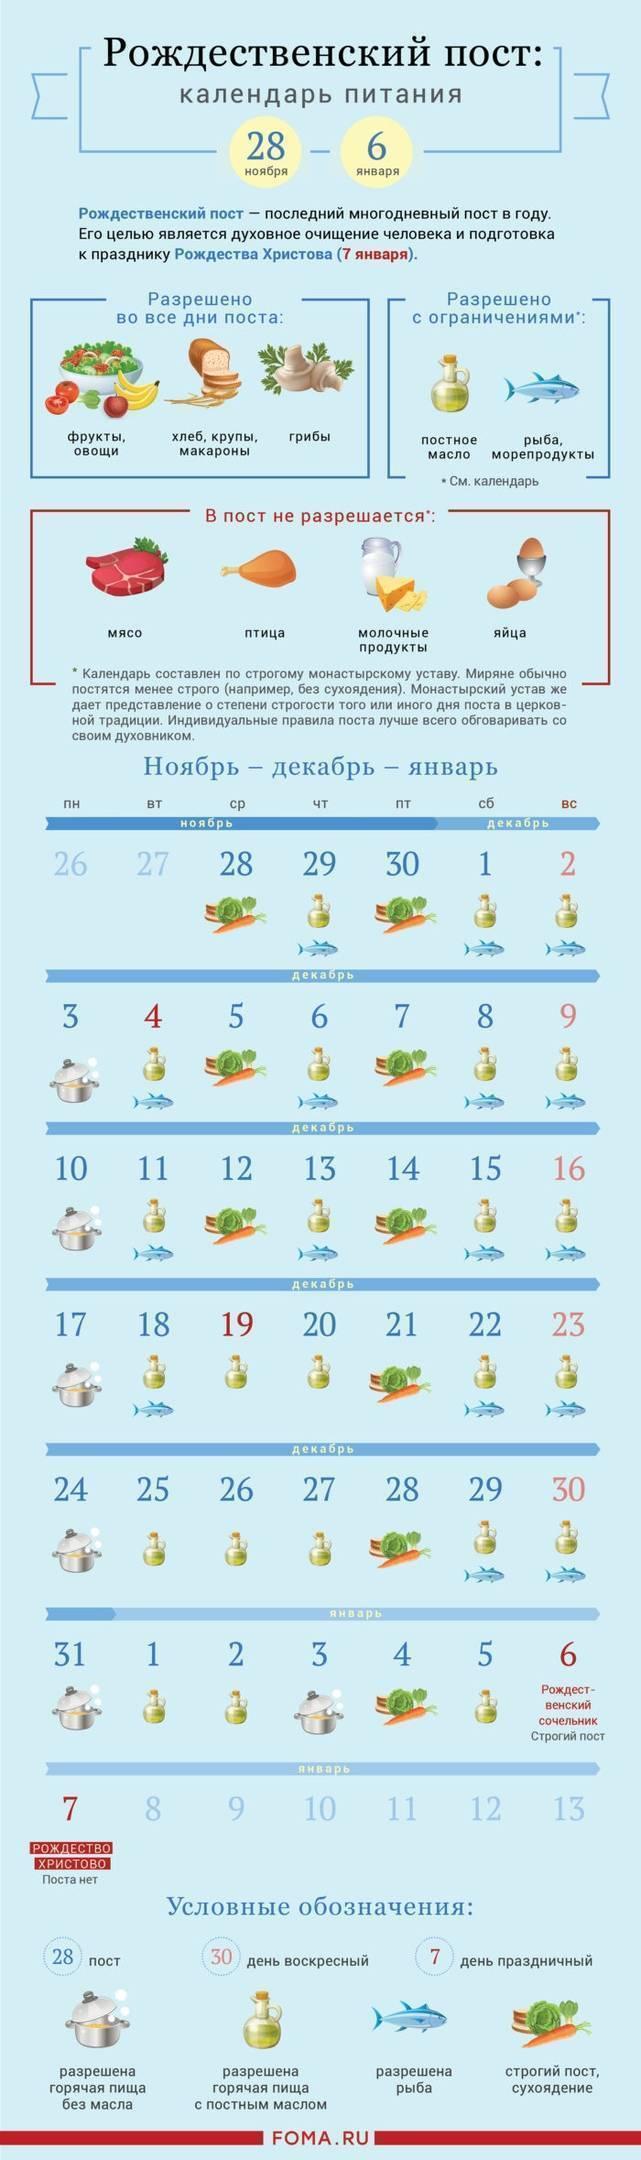 Церковный православный календарь постов и трапез на 2019 год